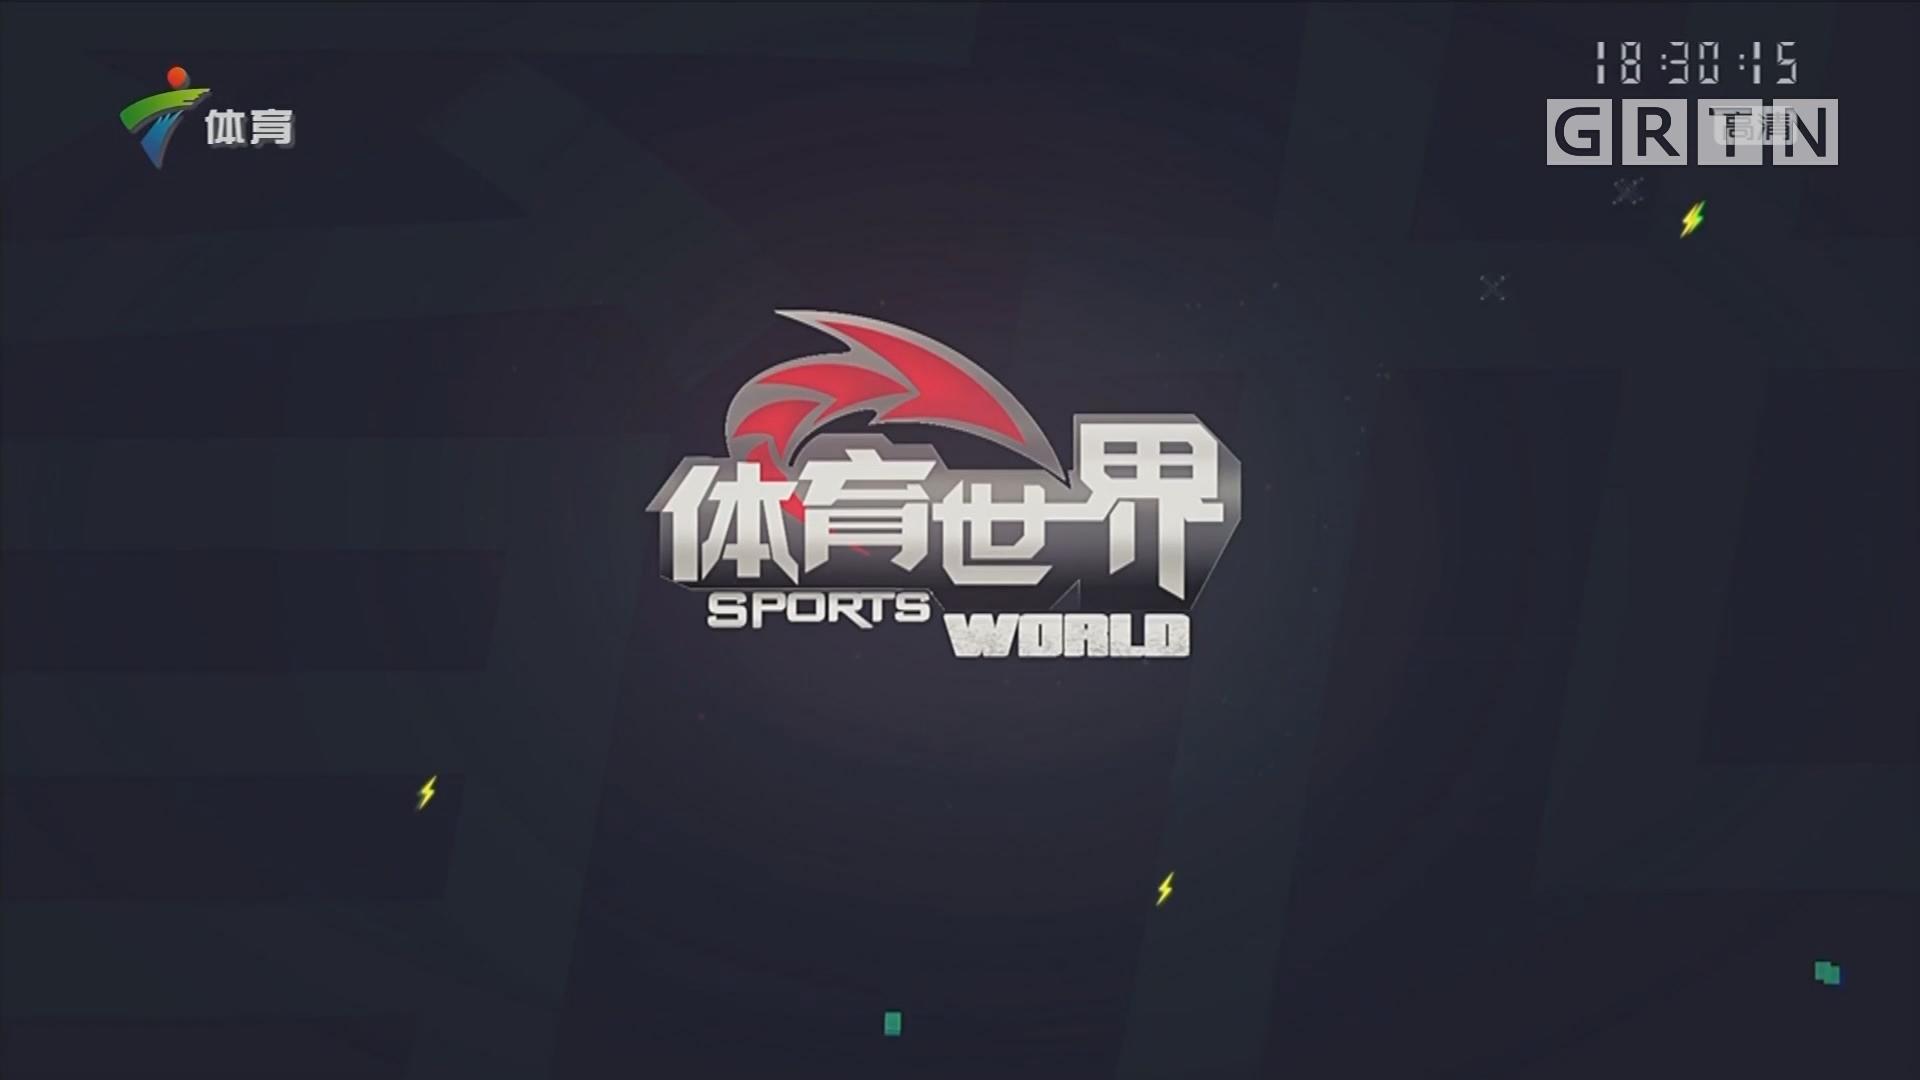 [HD][2018-12-02]體育世界:2018雪松廣州黃埔馬拉松賽鳴槍在即